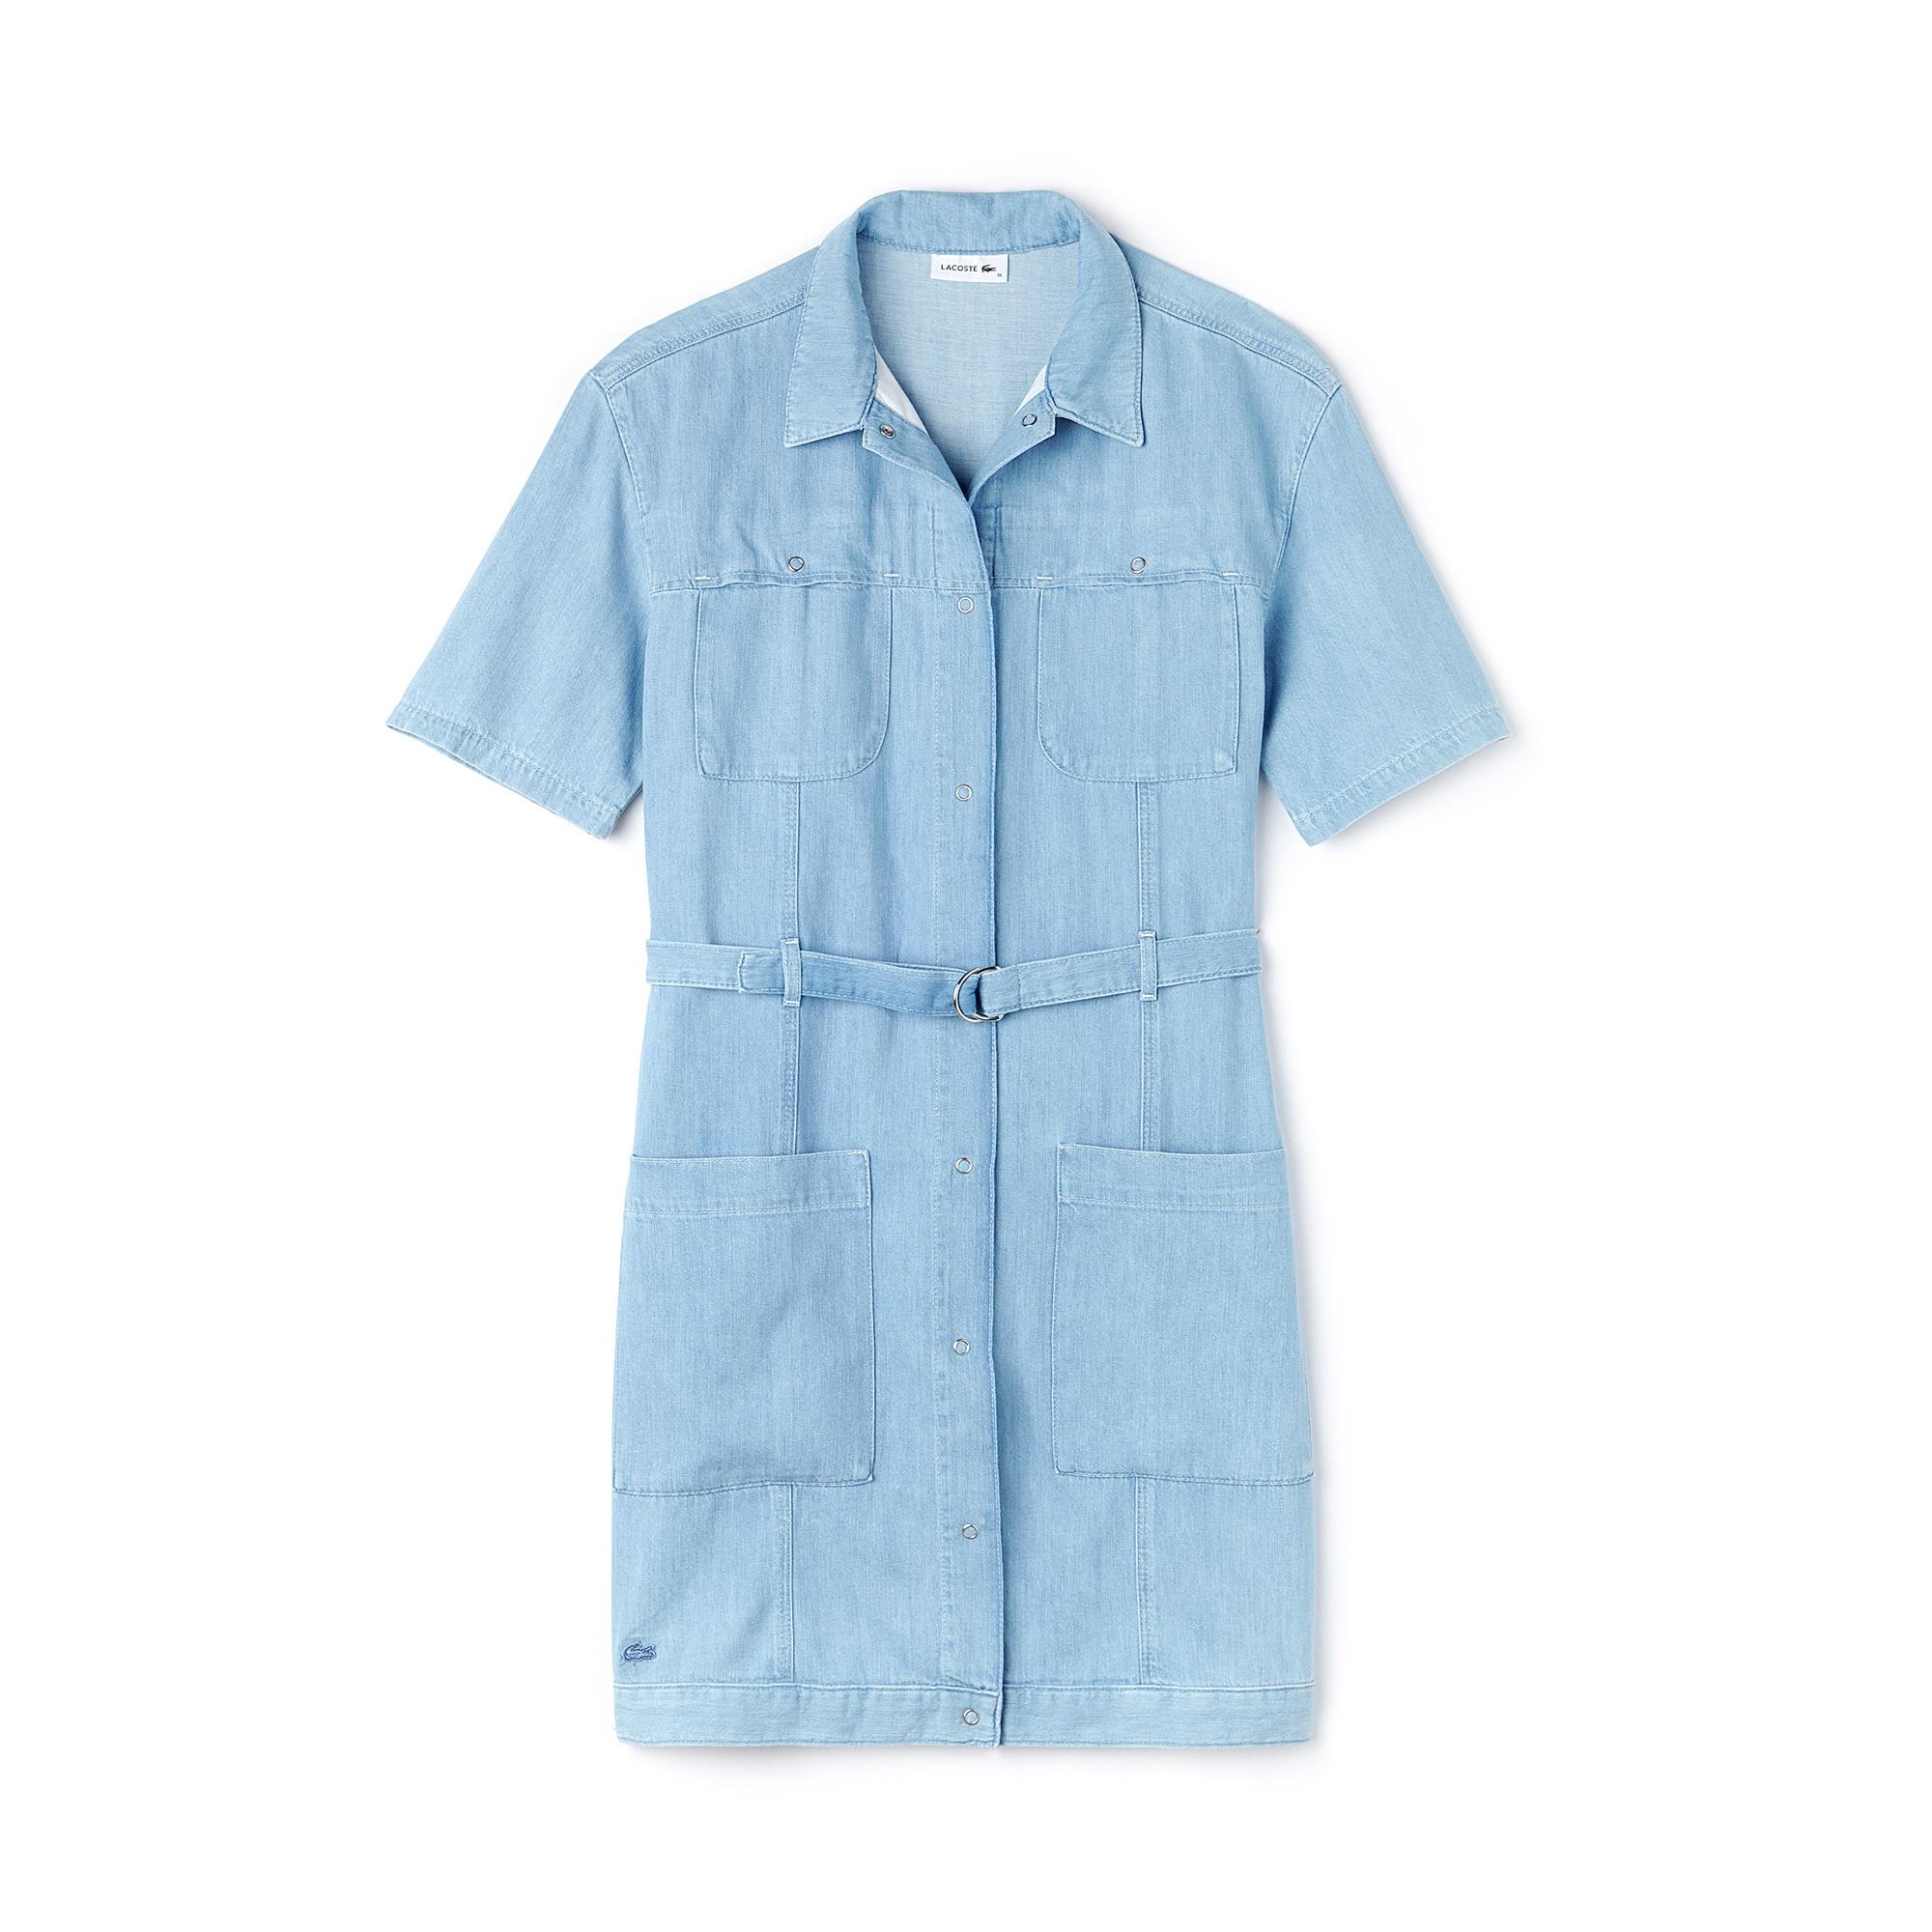 Damenkleid mit Gurt und verschiedenen Taschen aus Baumwolldenim